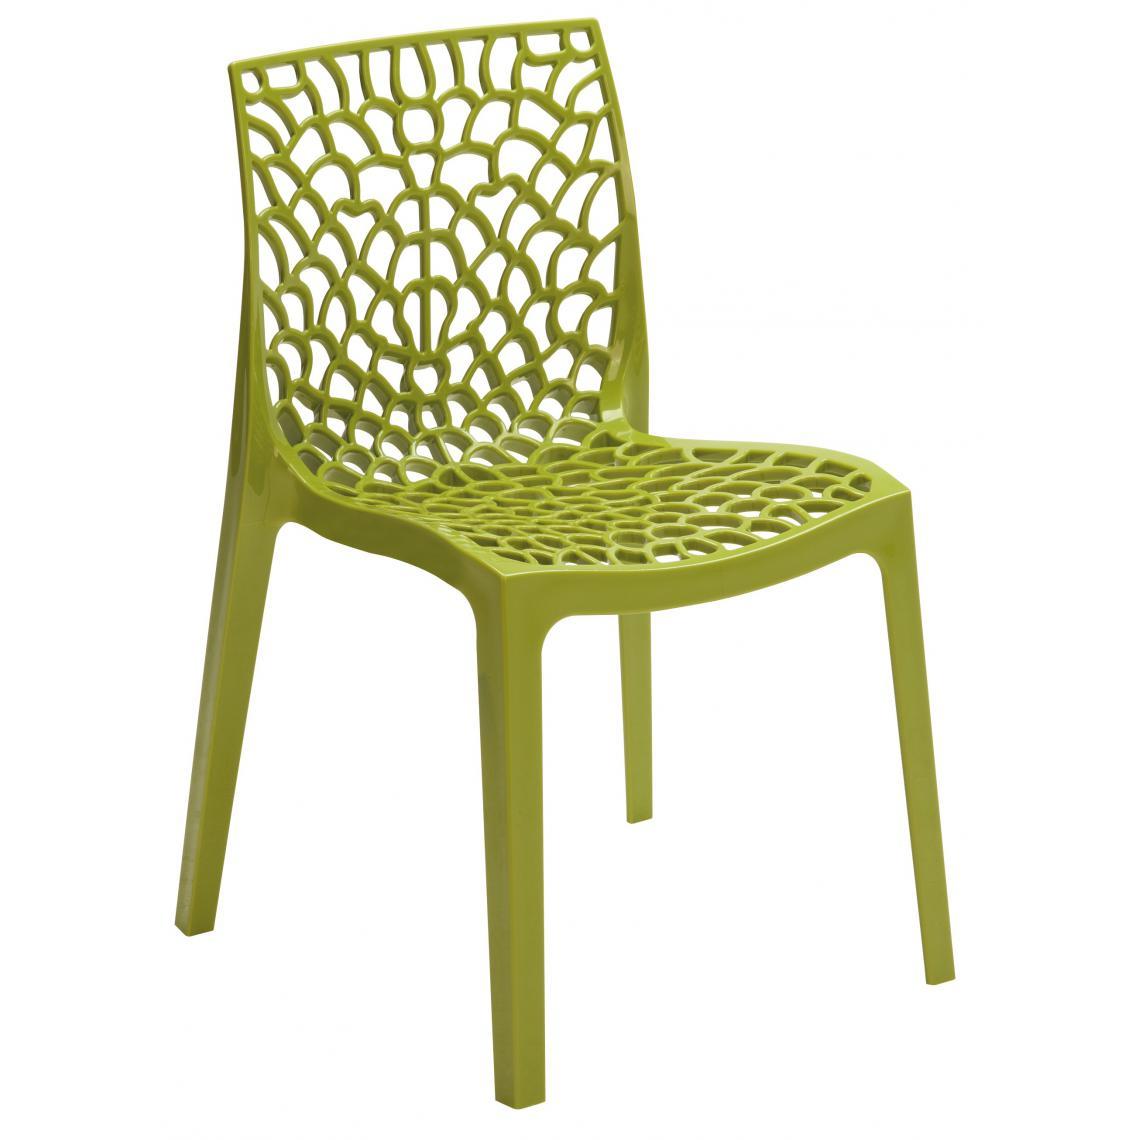 chaise design verte anis gruyer